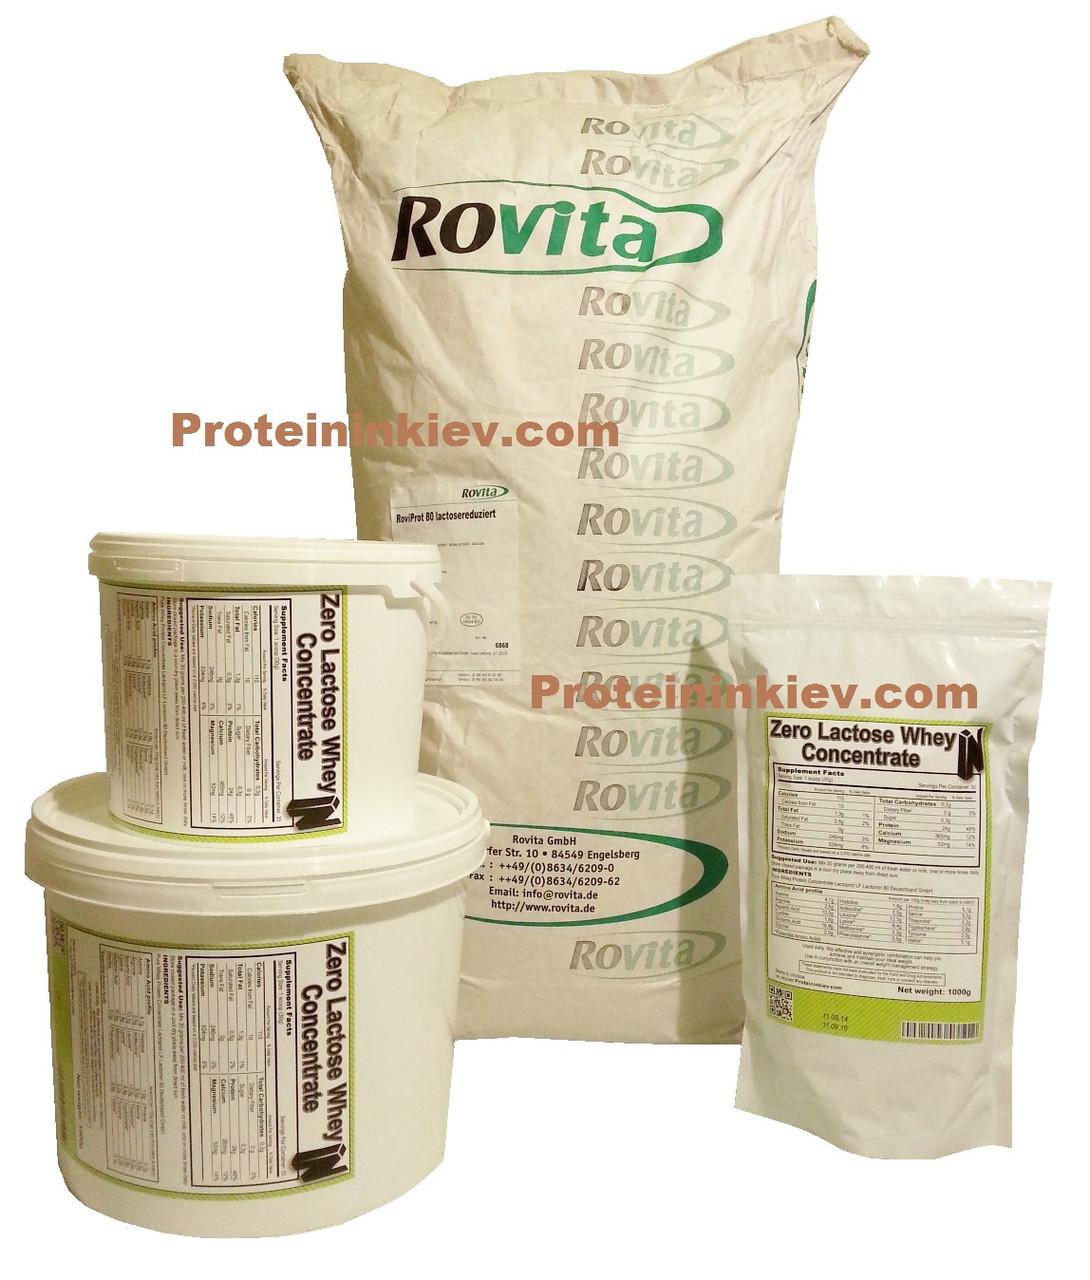 0% лактозы протеин на развес Rovita Roviprot 80 LF Германия 3 кг (КСБ) Proteininkiev